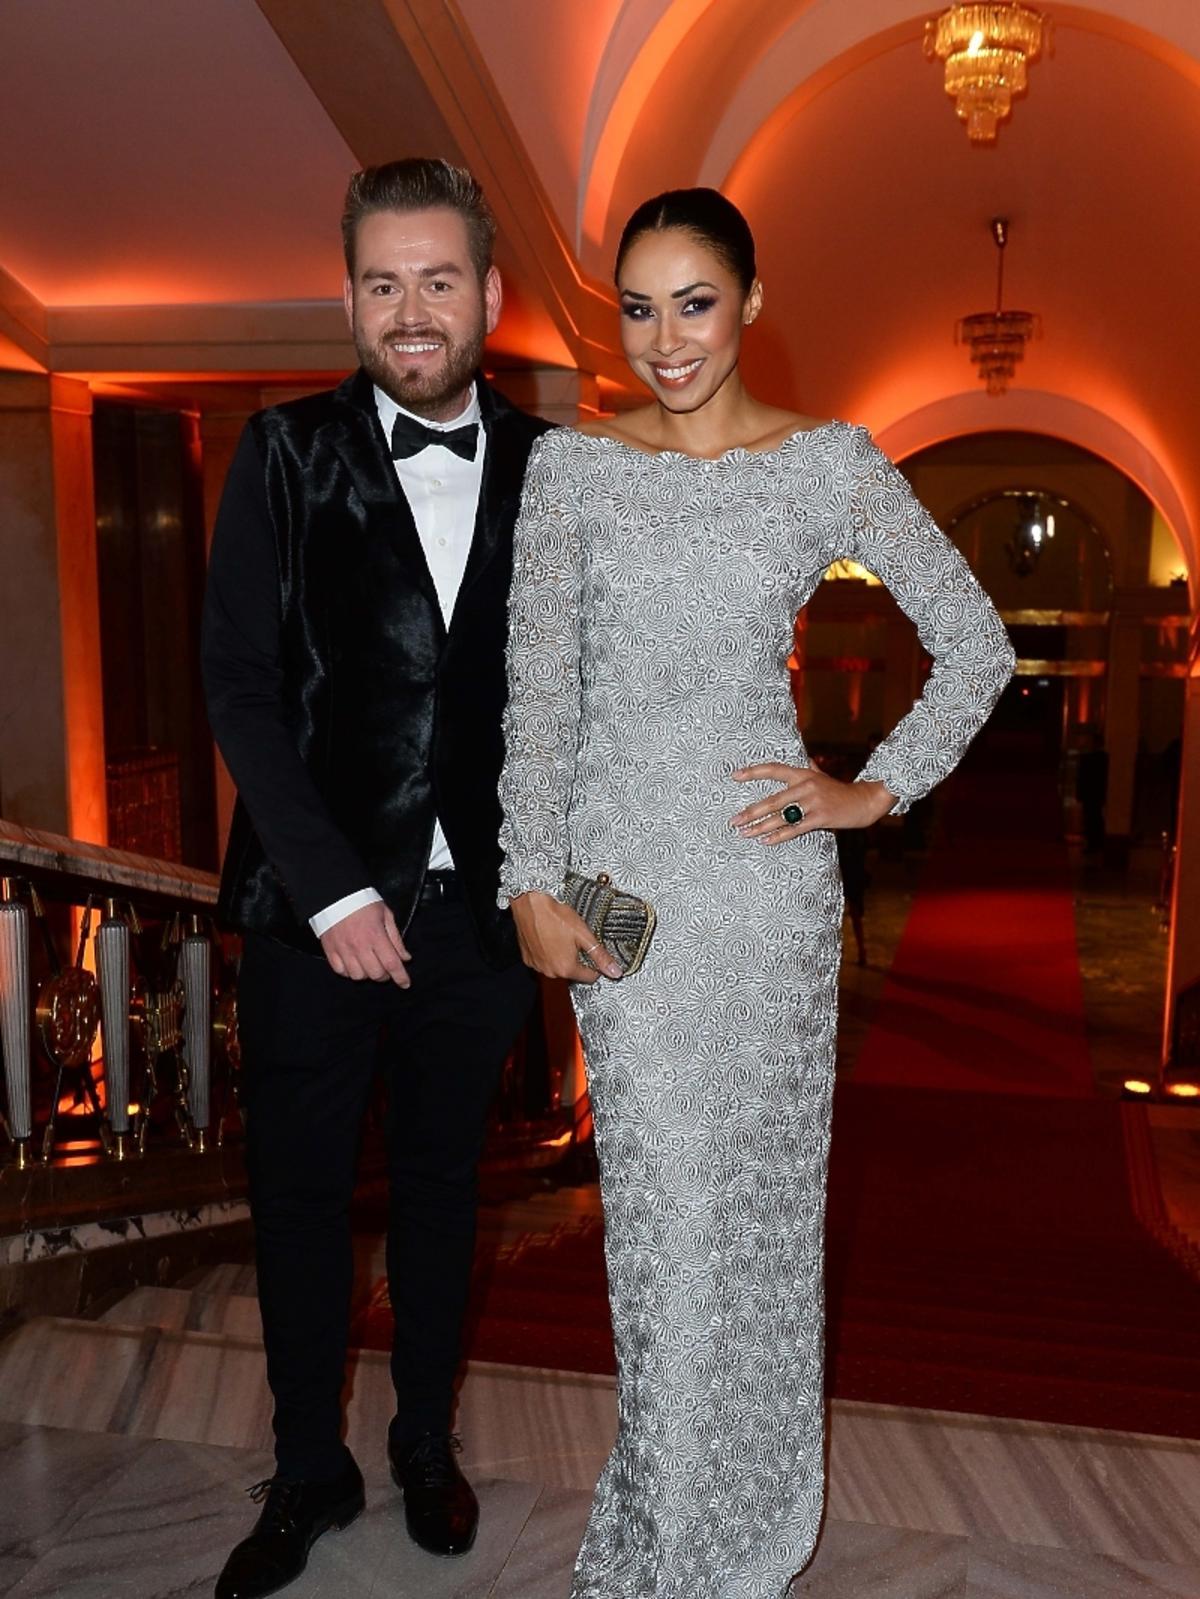 Tomasz Olejniczak Tomaotomo i Omenaa Mensah na imprezie Flesz Fashion Night